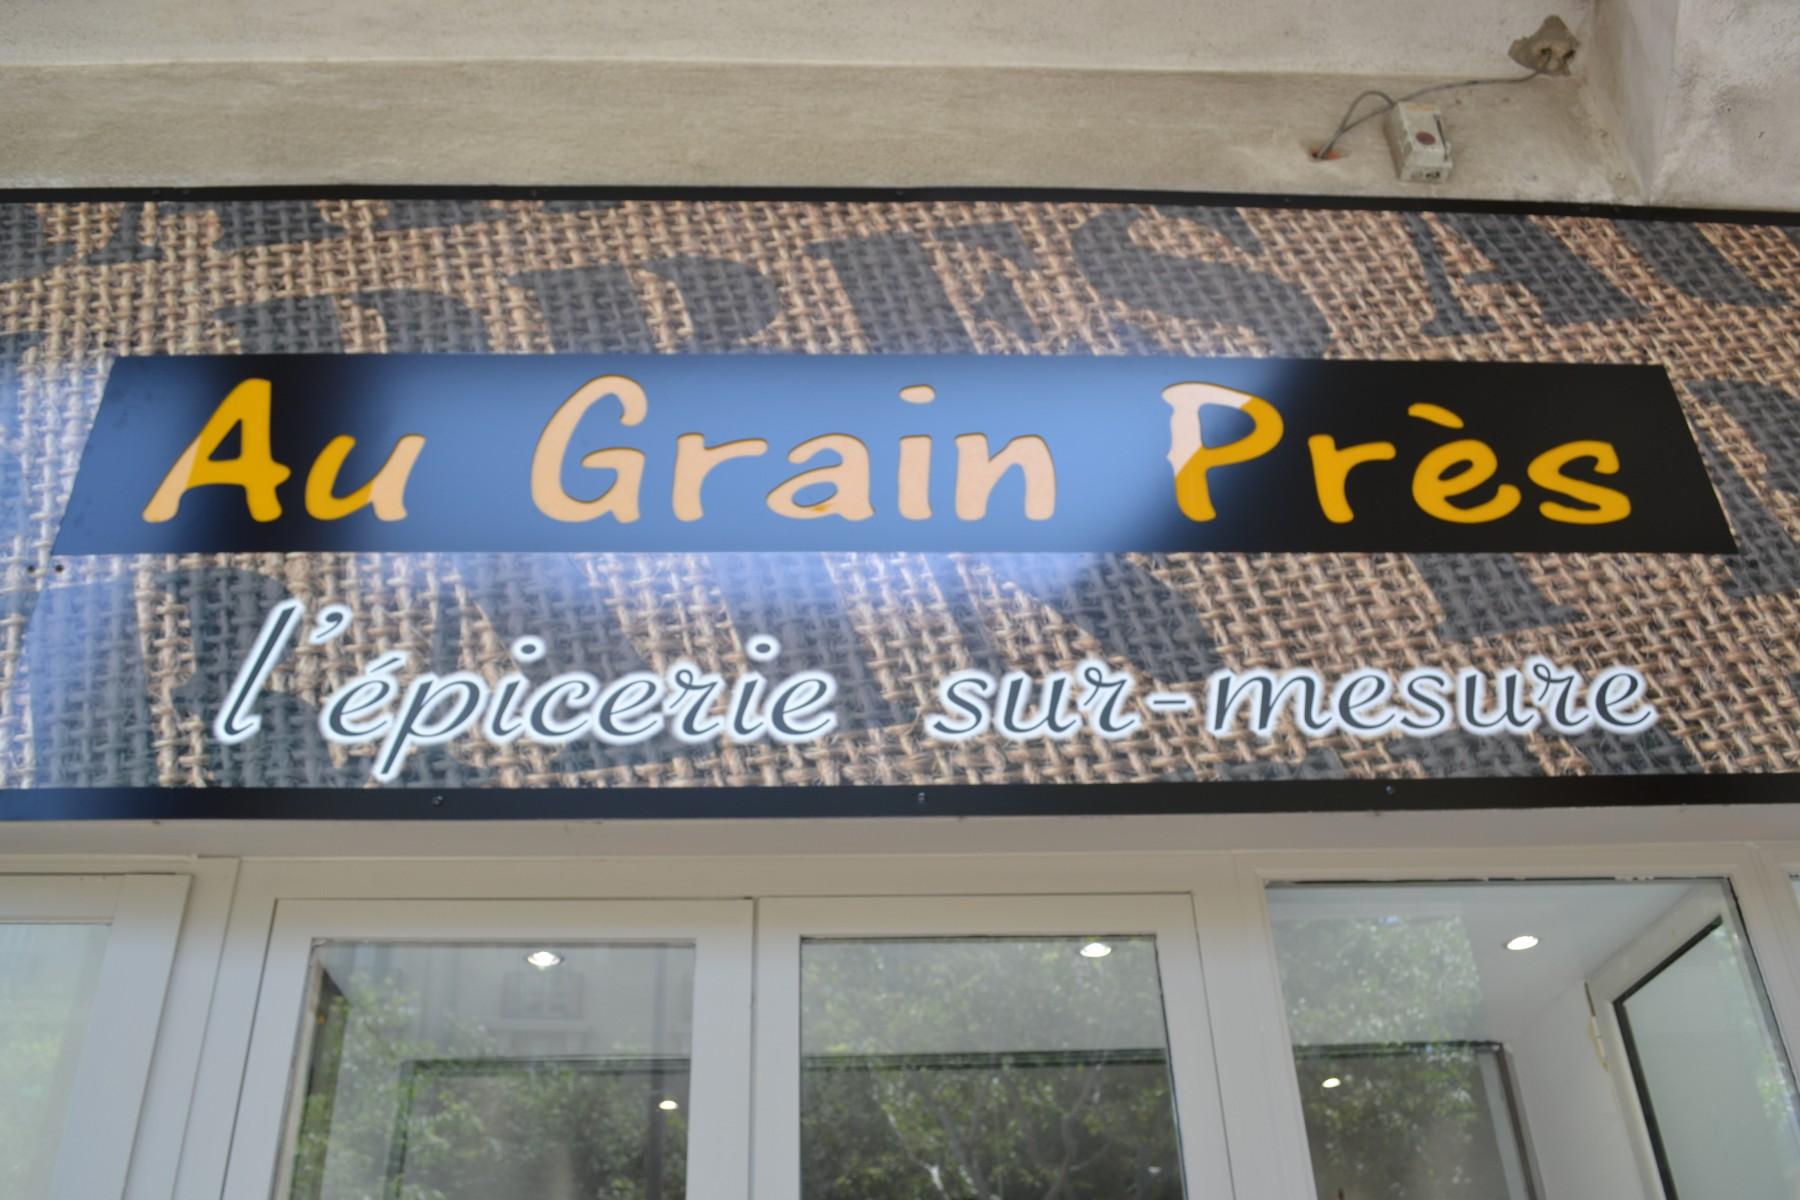 La devanture de l'épicerie Au Grain Près ©MD